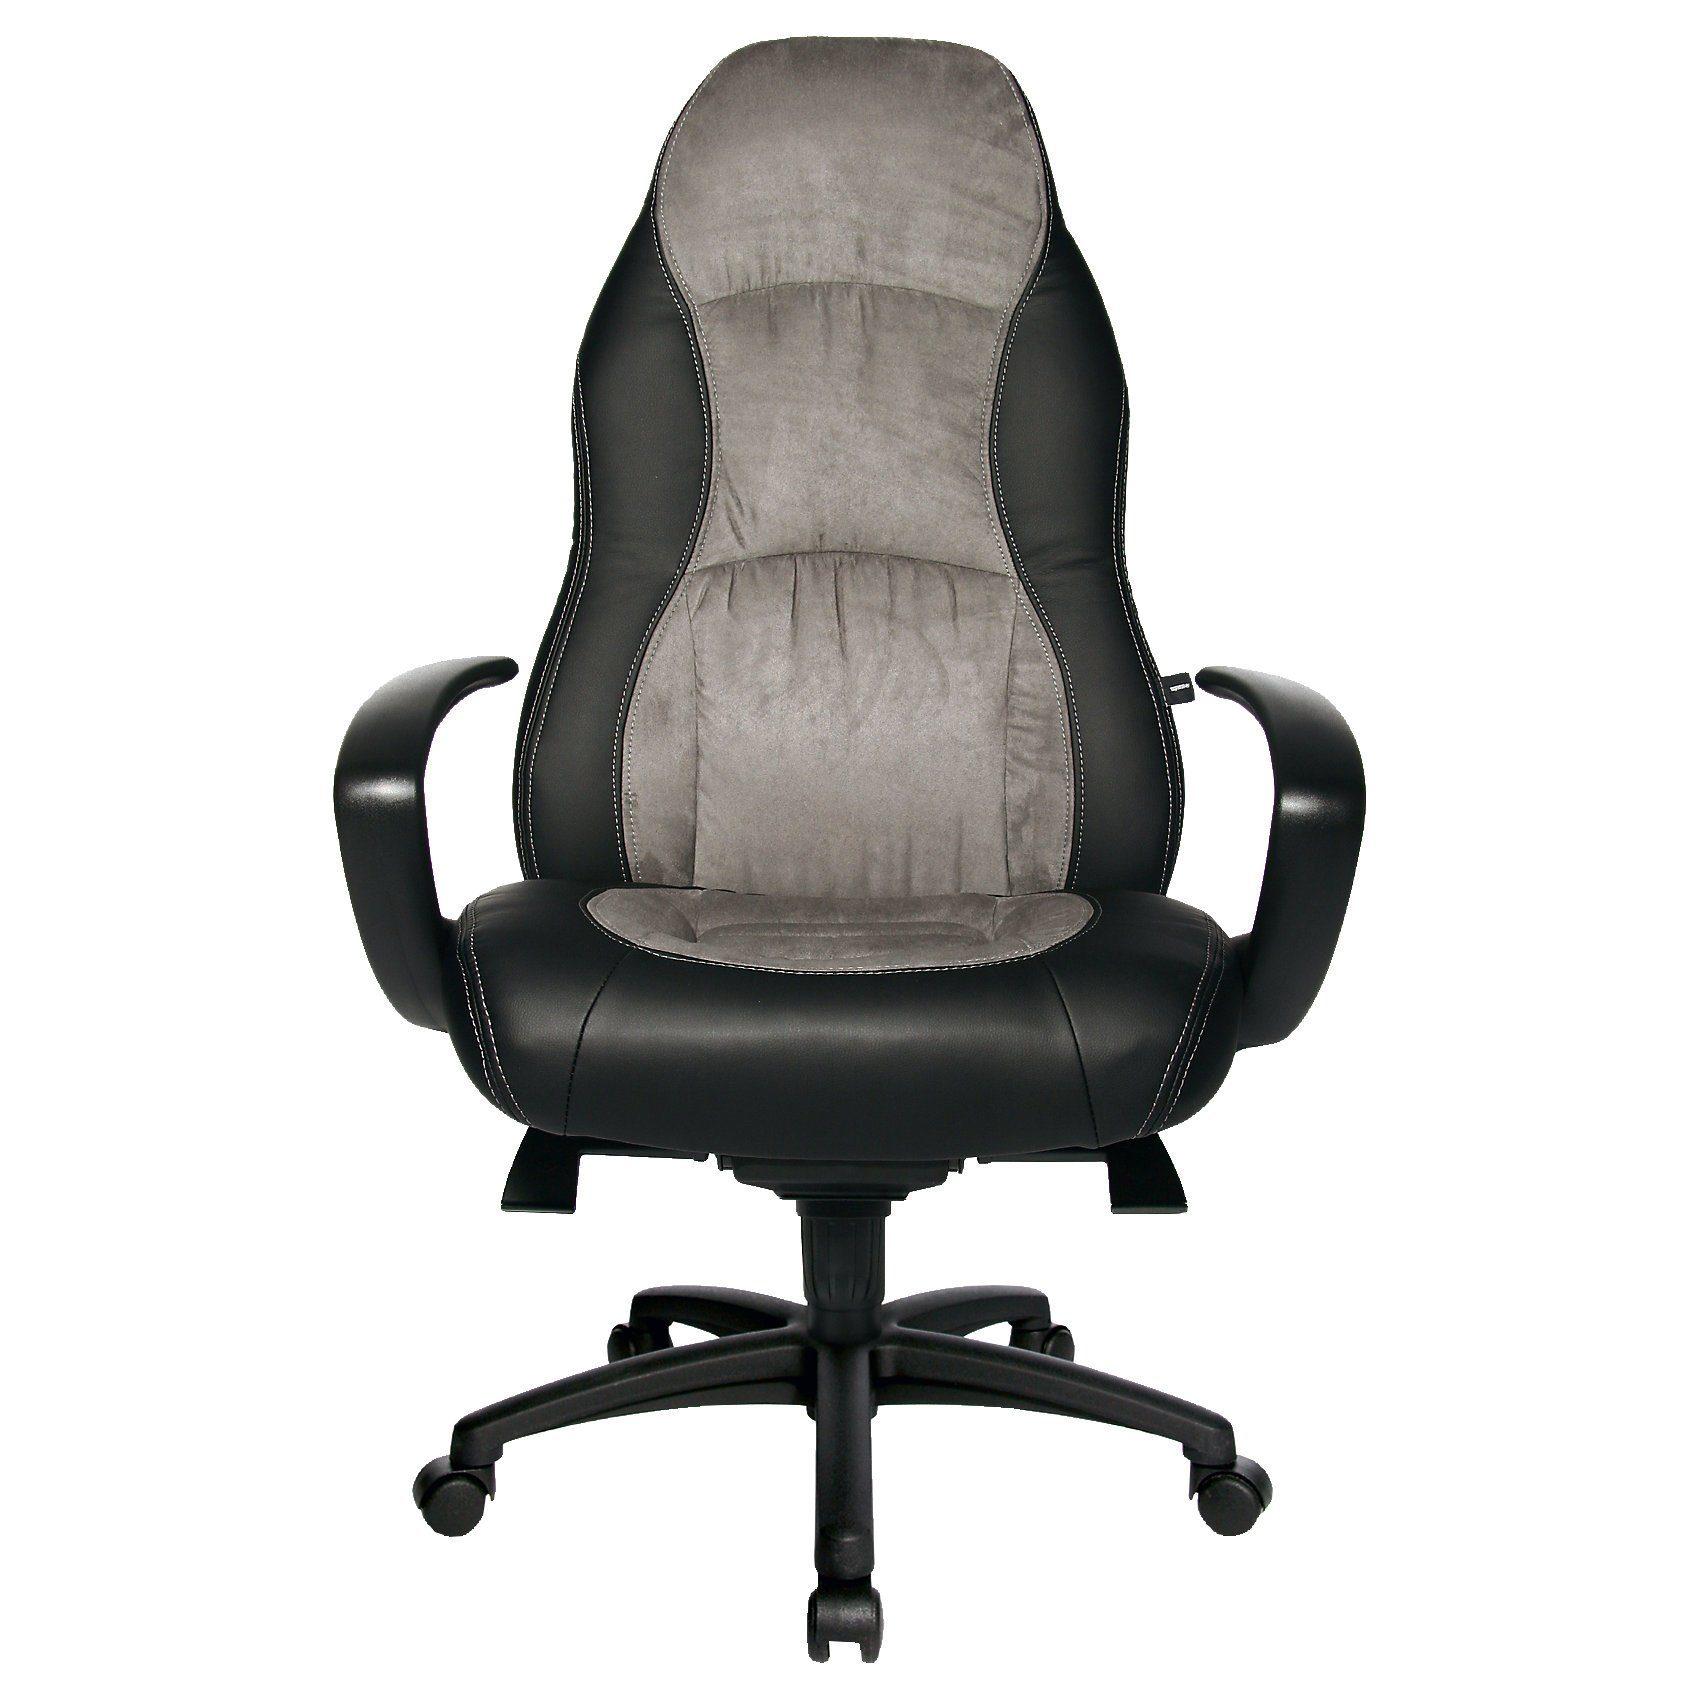 Topstar Drehstuhl Speed Chair, schwarz-grau